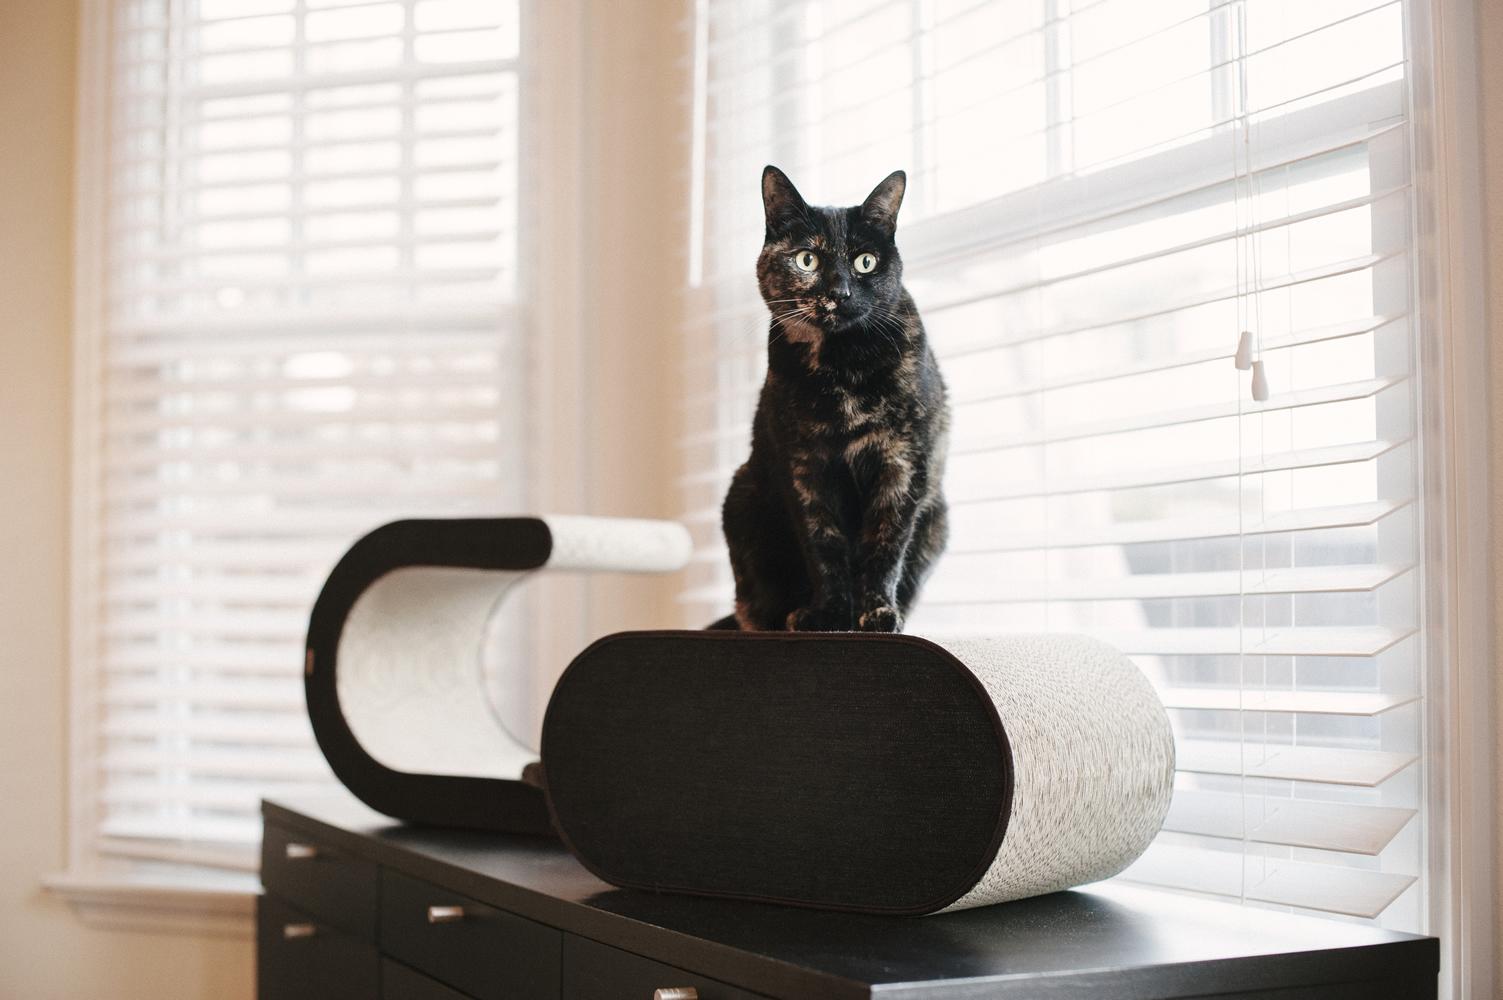 【送料無料】おしゃれな猫用つめとぎ 『P.L.A.Y』  キャットスクラッチャー アーバンデニム チョコレート  【猫/おもちゃ/爪とぎ/高品質】